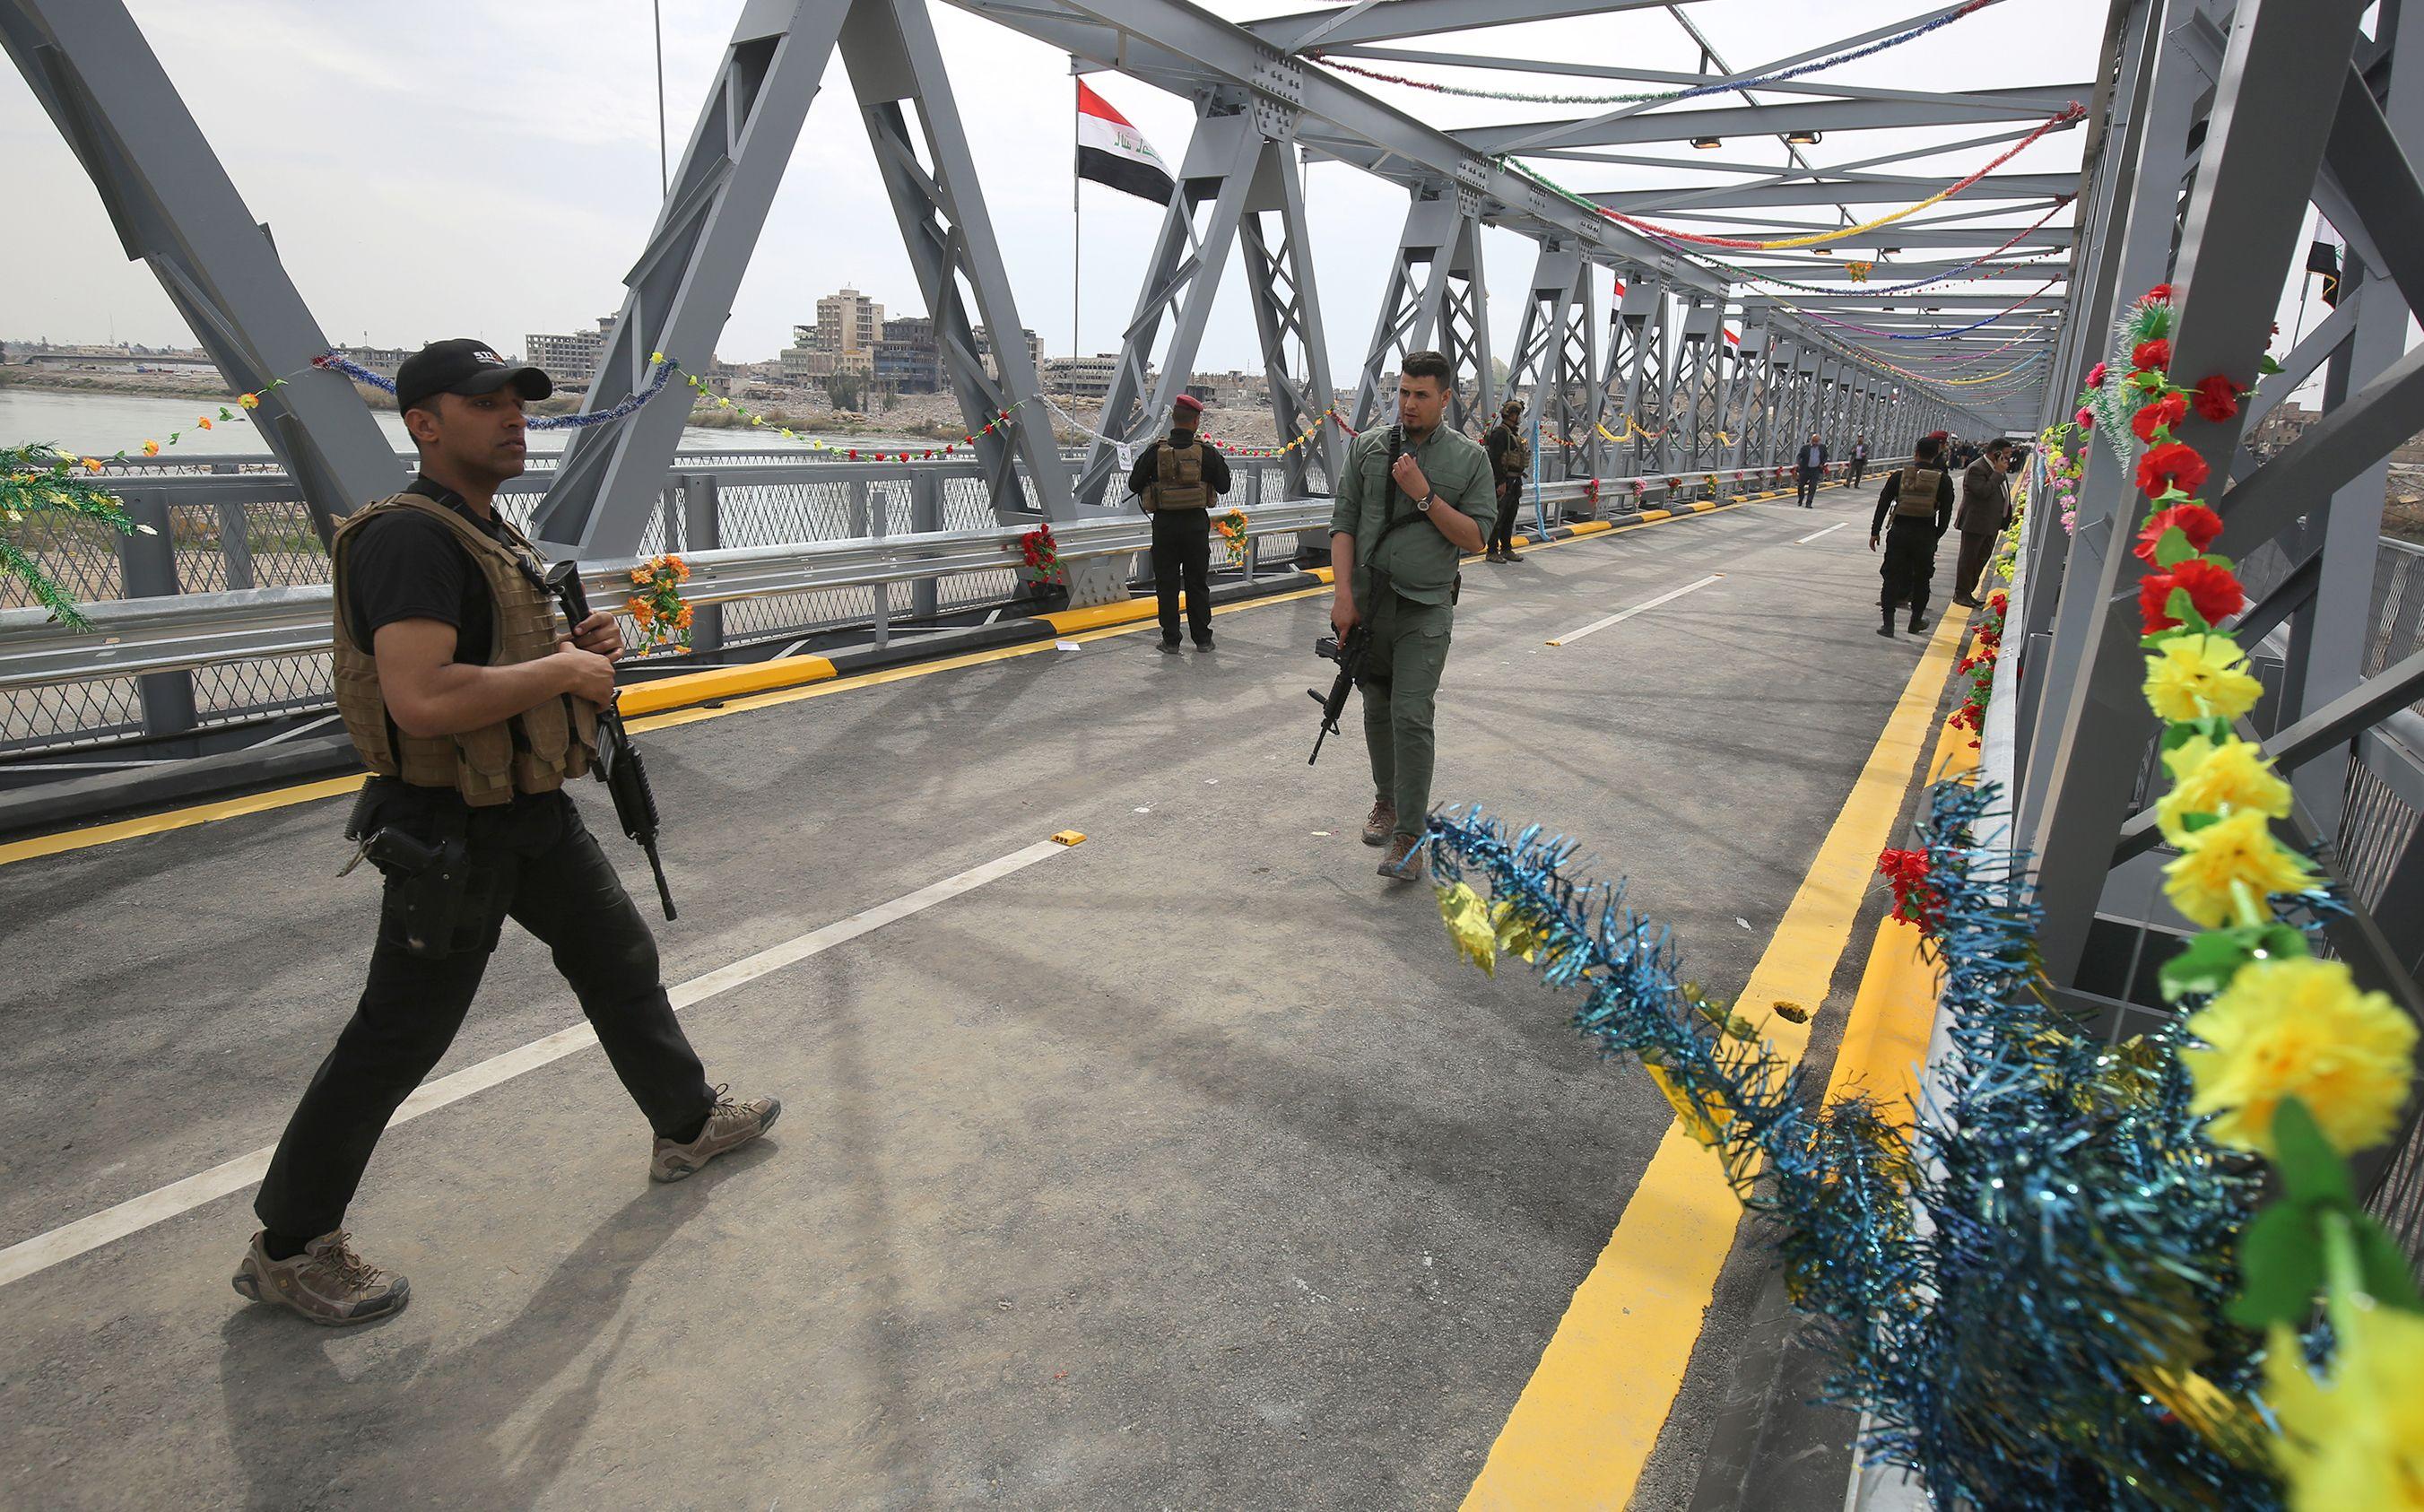 تزيين الجسر بالورود